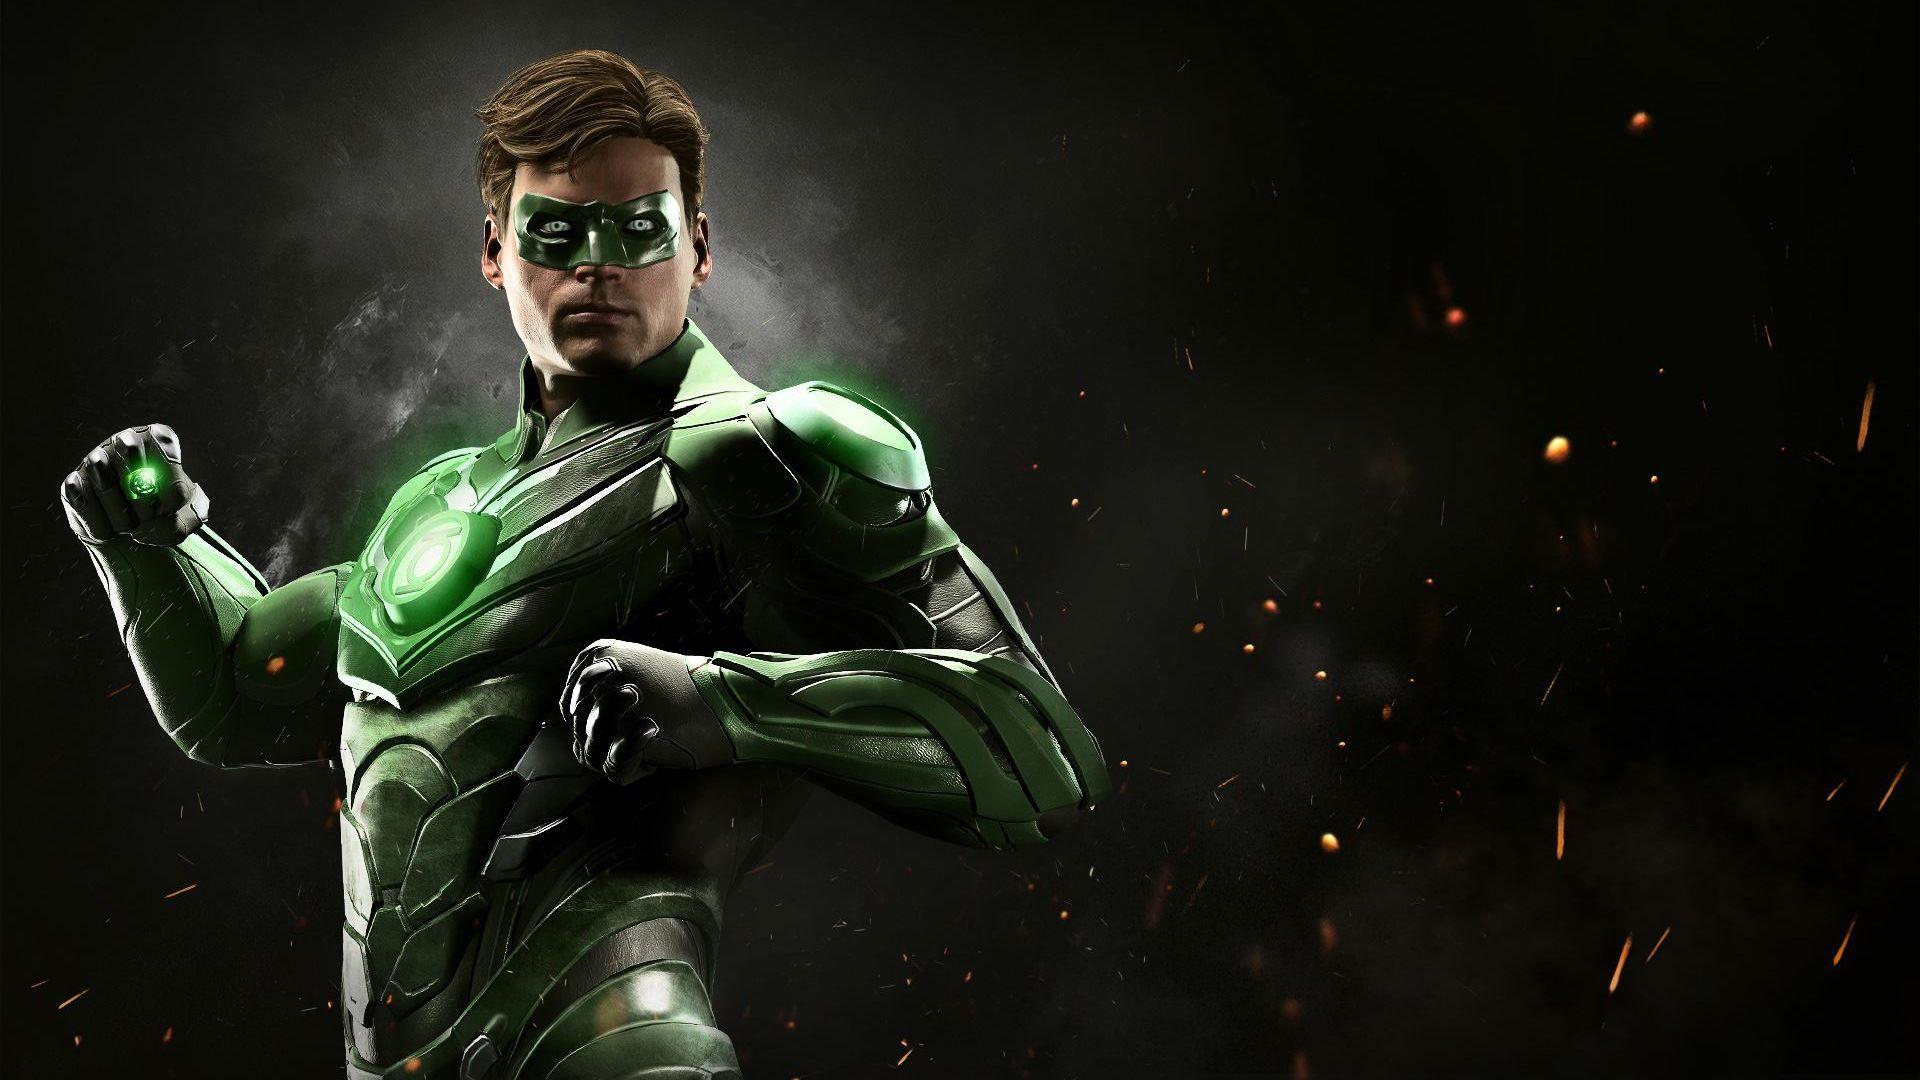 Green Lantern Injustice 2 Game 1920x1080 Wallpaper Injustice 2 Green Lantern Injustice 2 Game